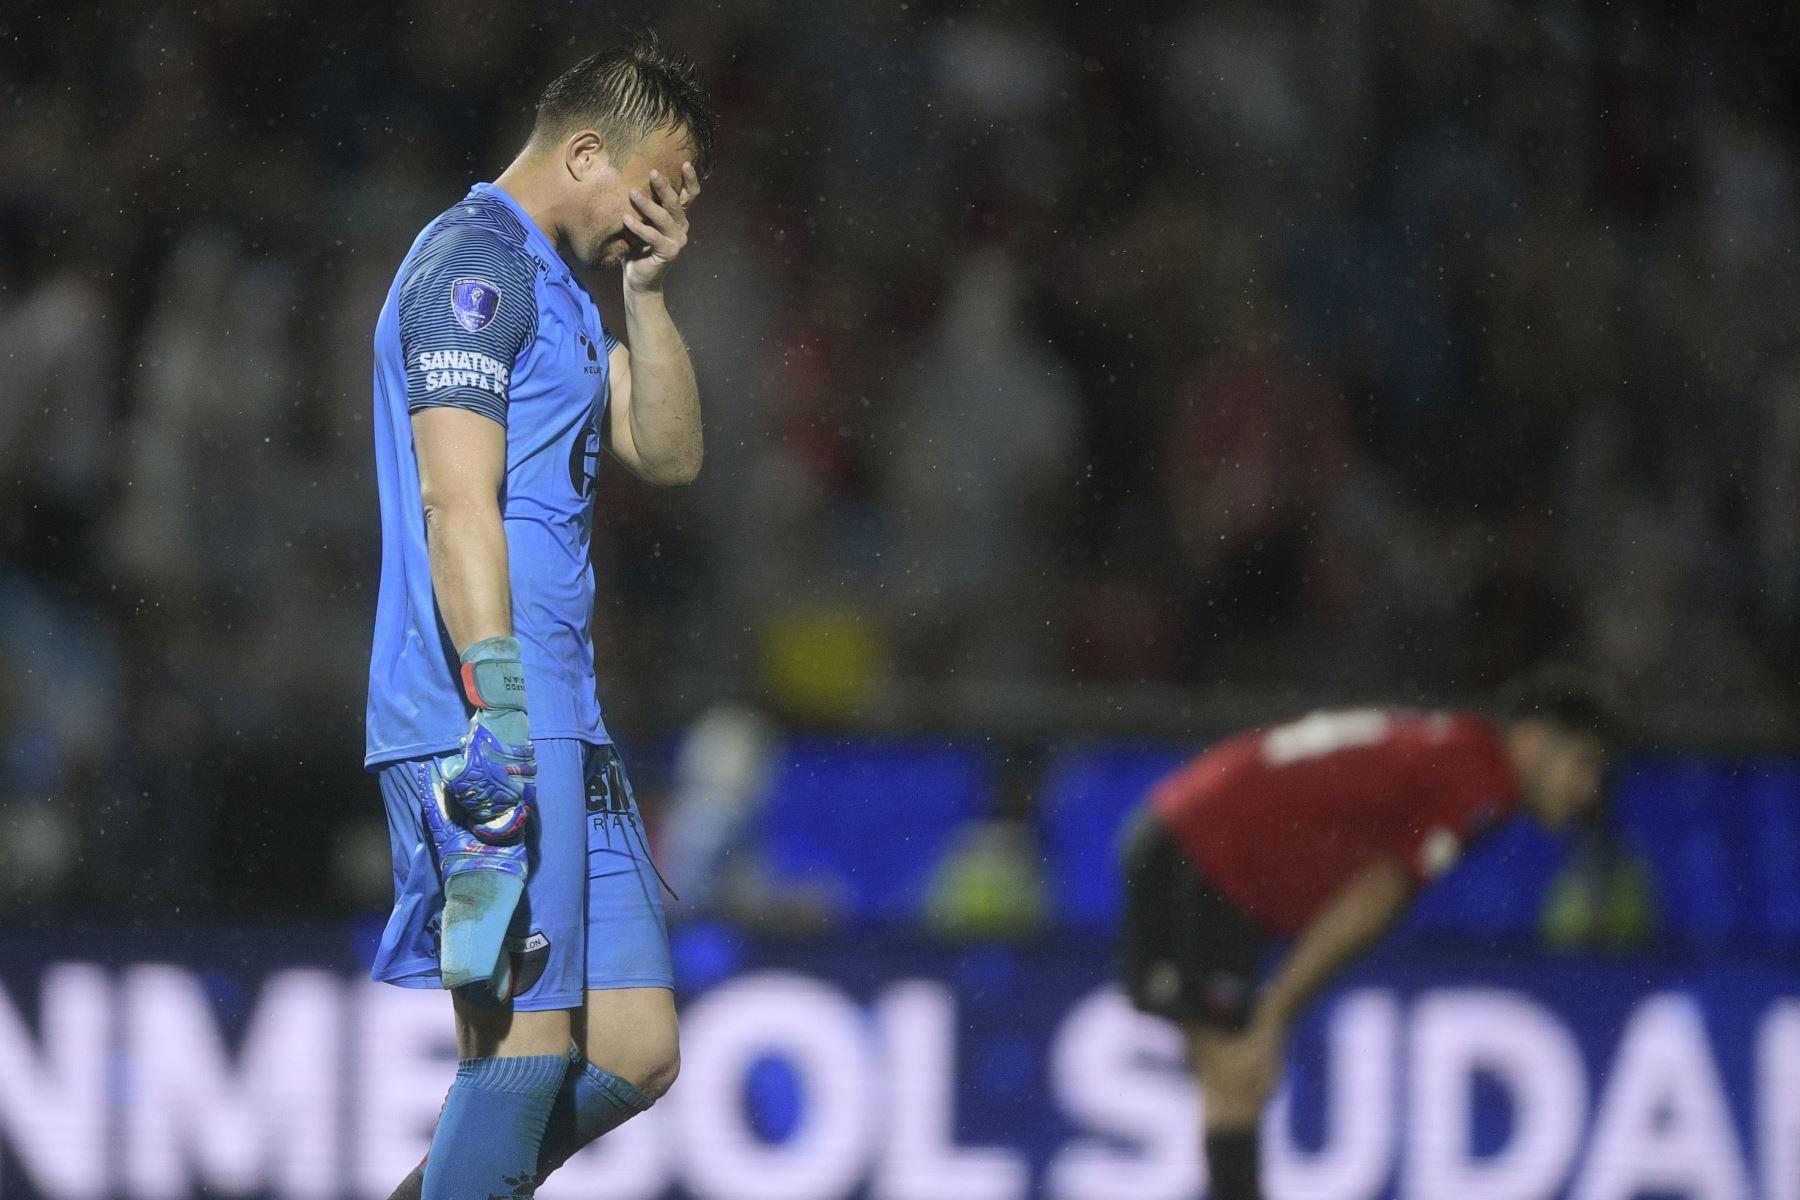 El arquero argentino Colón, el uruguayo Leonardo Burian reacciona después de perder contra el Independiente del Valle de Ecuador al final de su final de la Copa Sudamericana de fútbol. AFP